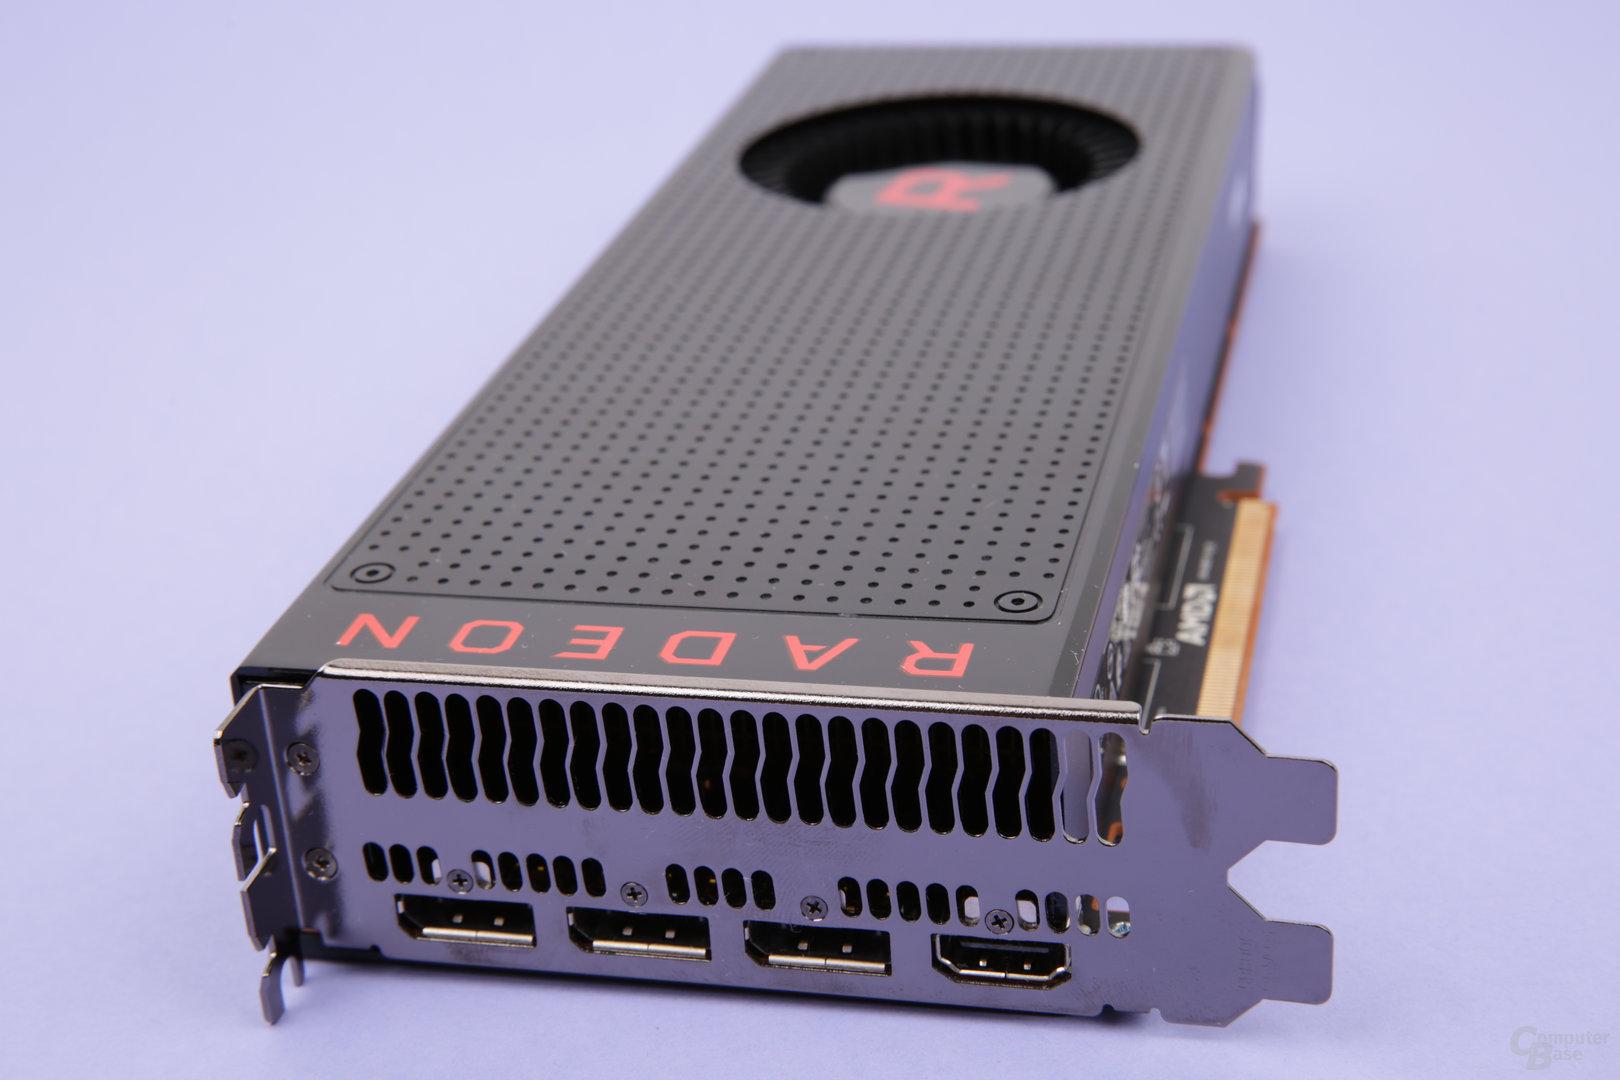 Die Monitoranschlüsse der Radeon RX Vega